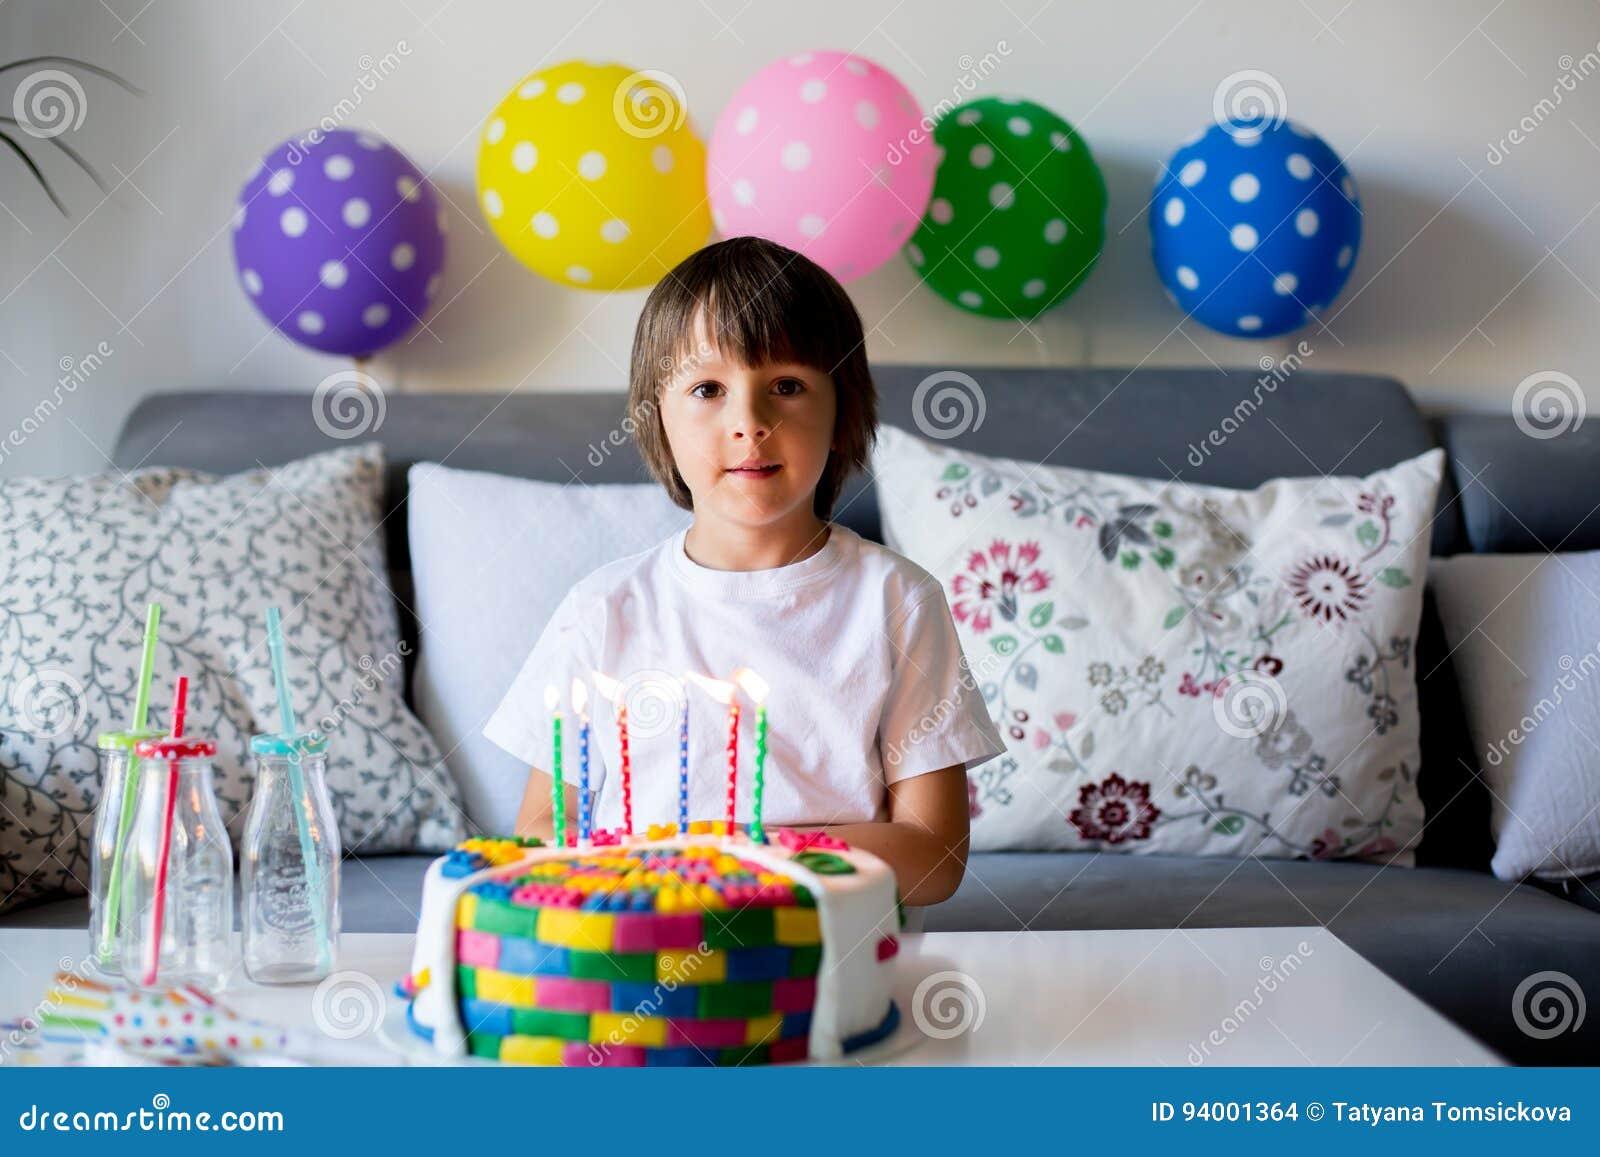 Susses Kleines Kind Junge Seinen 6 Geburtstag Feiernd Kuchen B